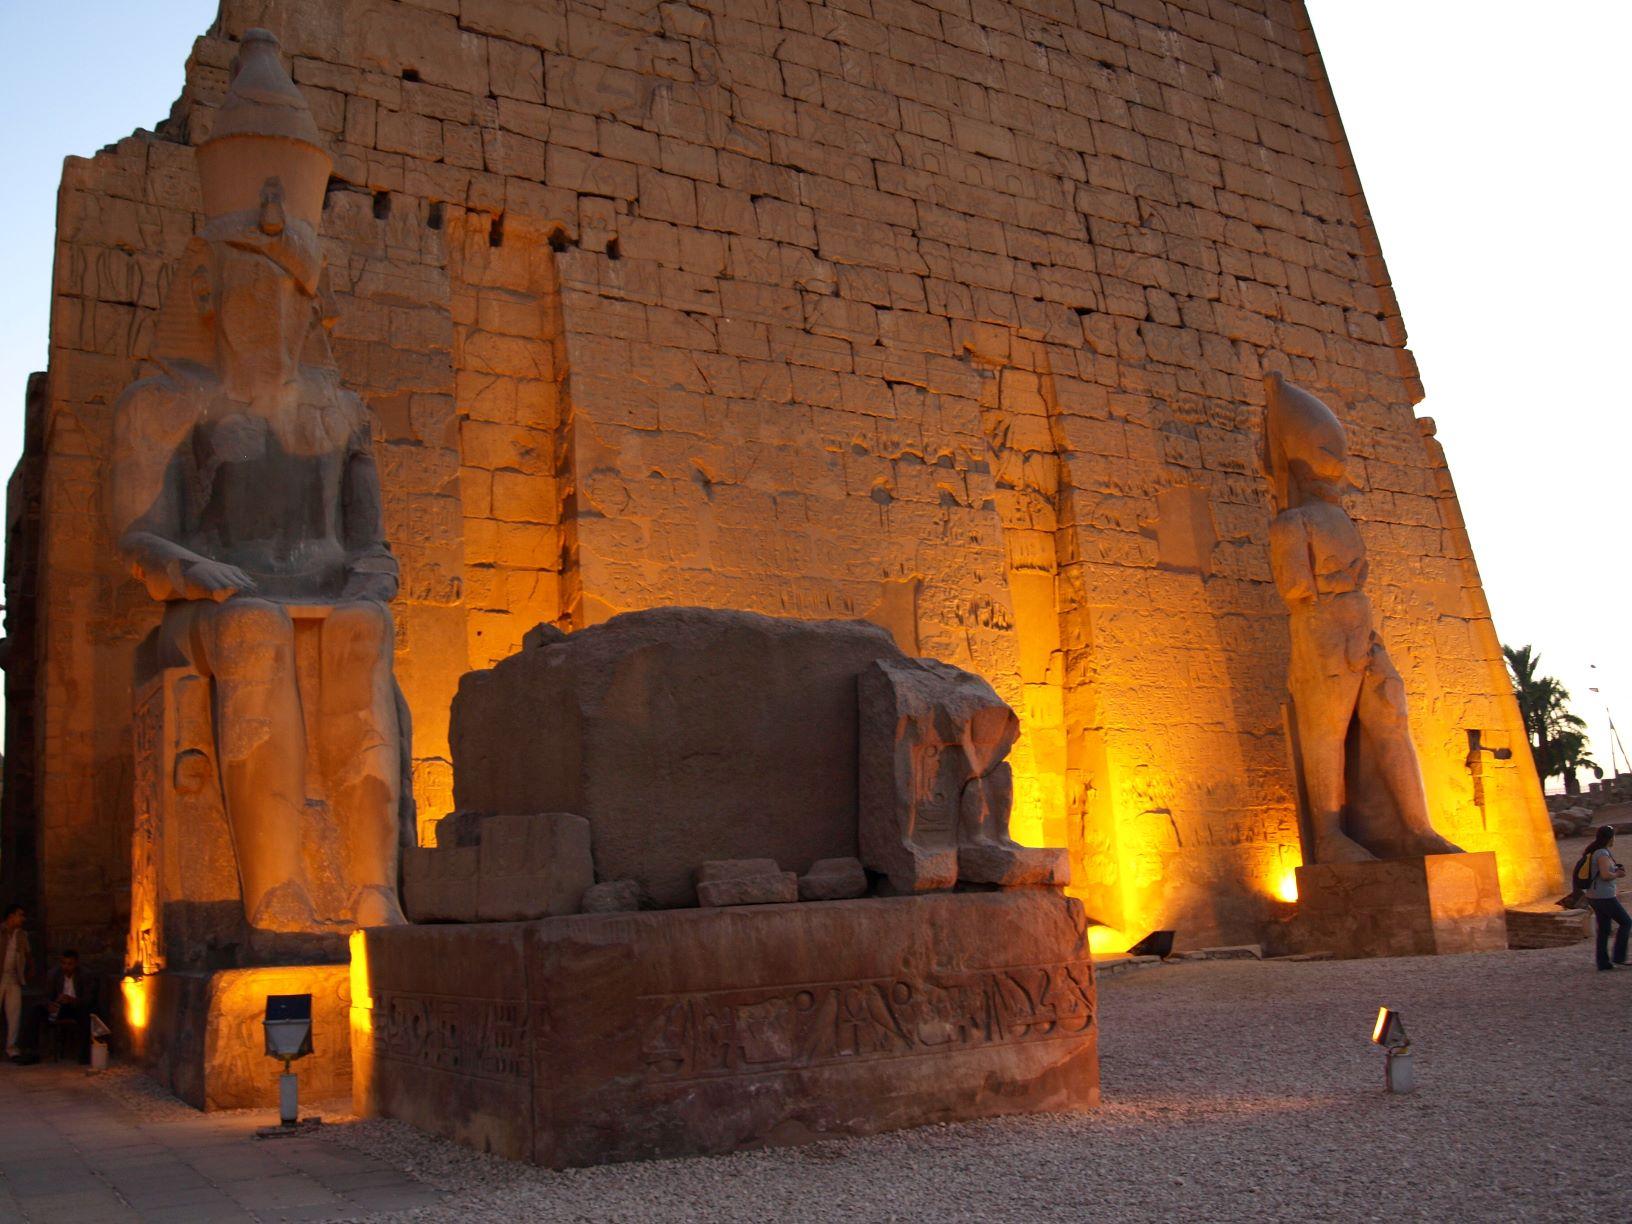 Egypt Luxury ts Egyptour by Deluxe Tour